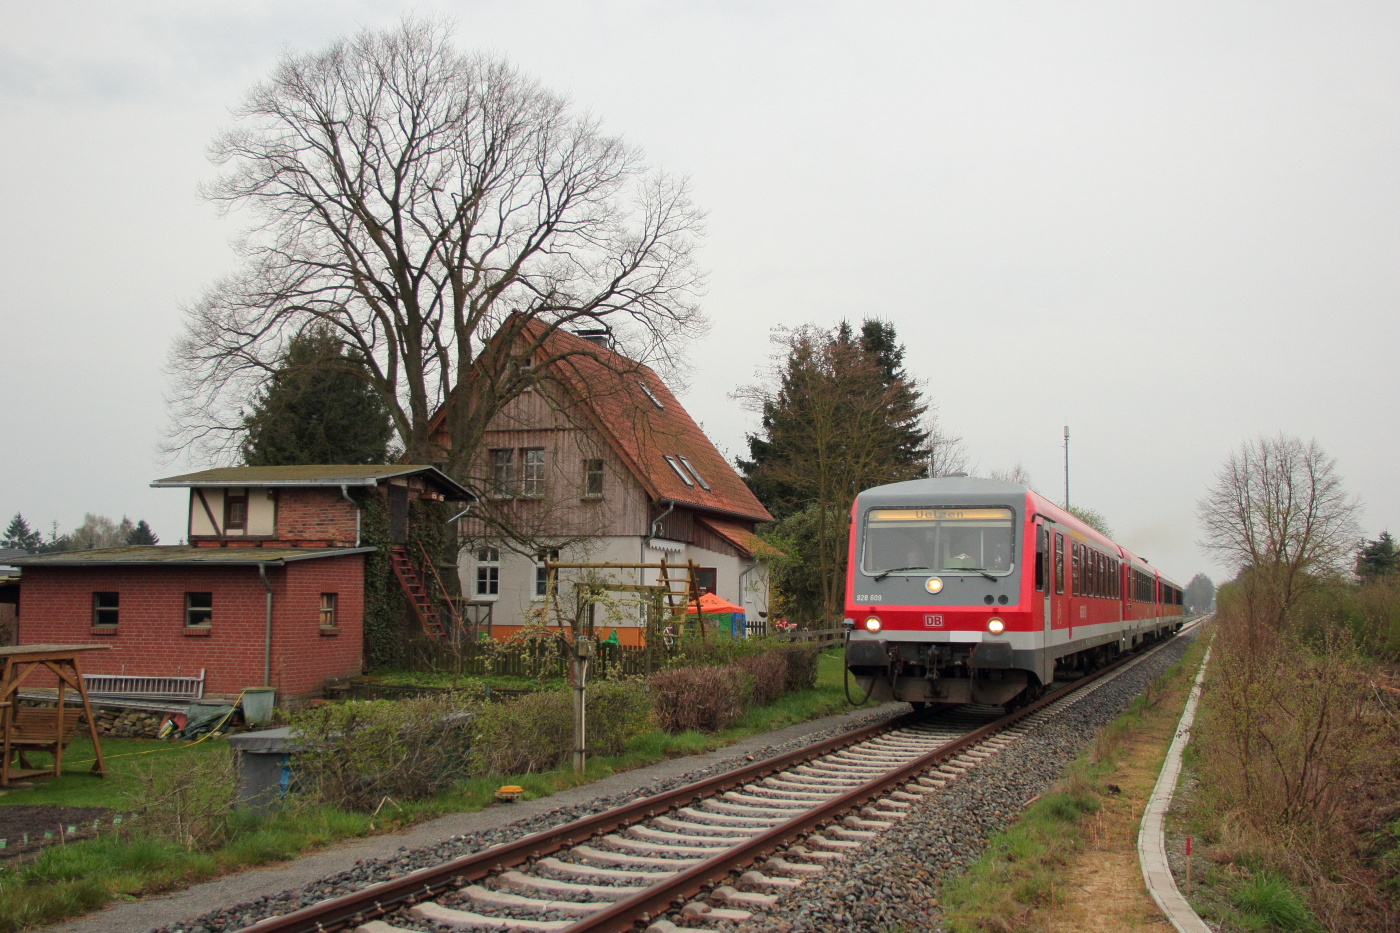 http://www.nachtbahner.de/Fotos/2014-04-05%20M%c3%bchlenbahn/k-IMG_2523%20KBS%20115%20M%c3%bchlenbahn%2005.04.14%20(3).JPG